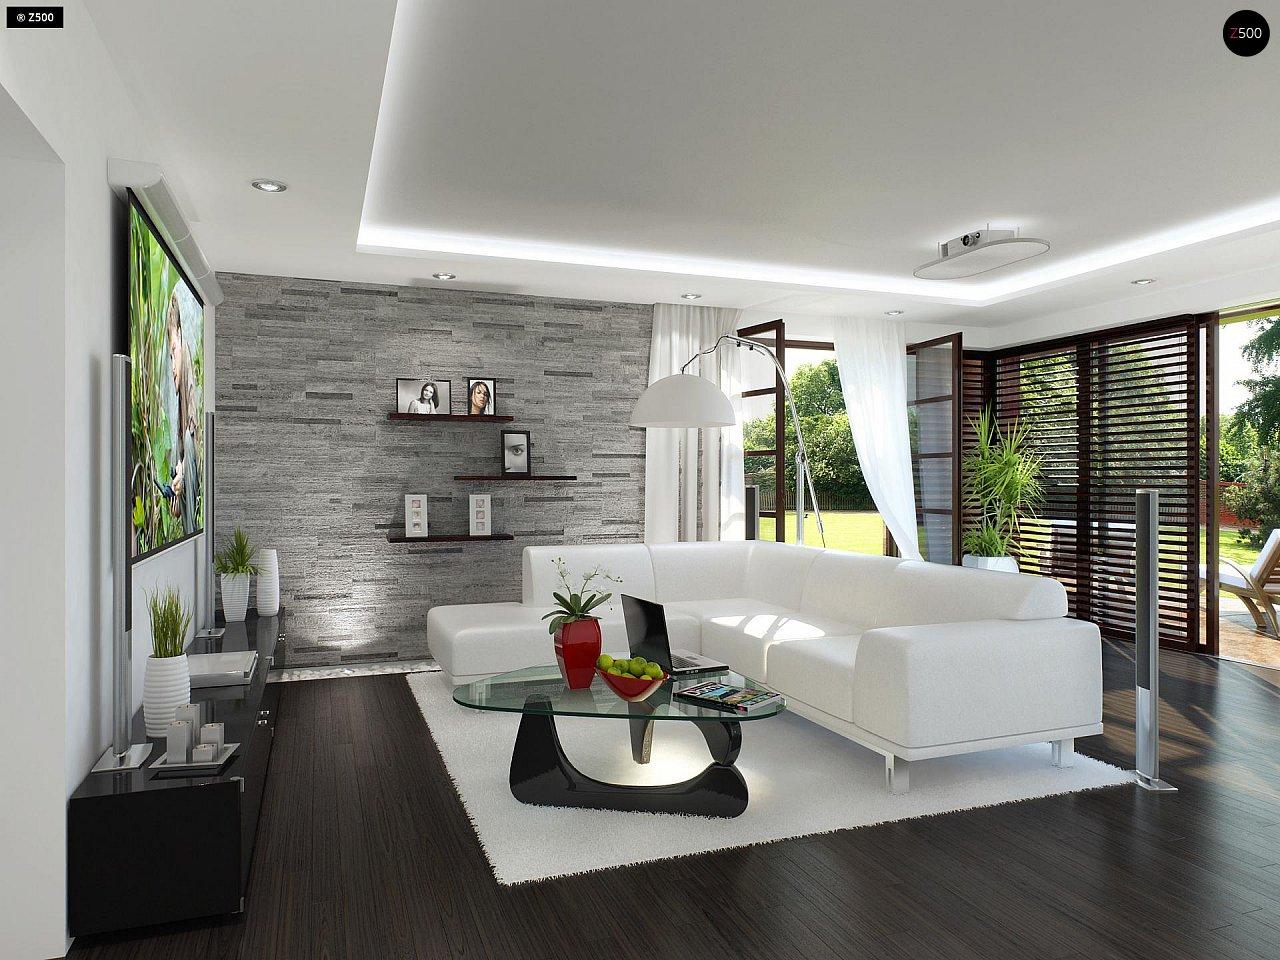 Двухэтажный дома в стиле модерн с практичным интерьером и гаражом для двух автомобилей. 4